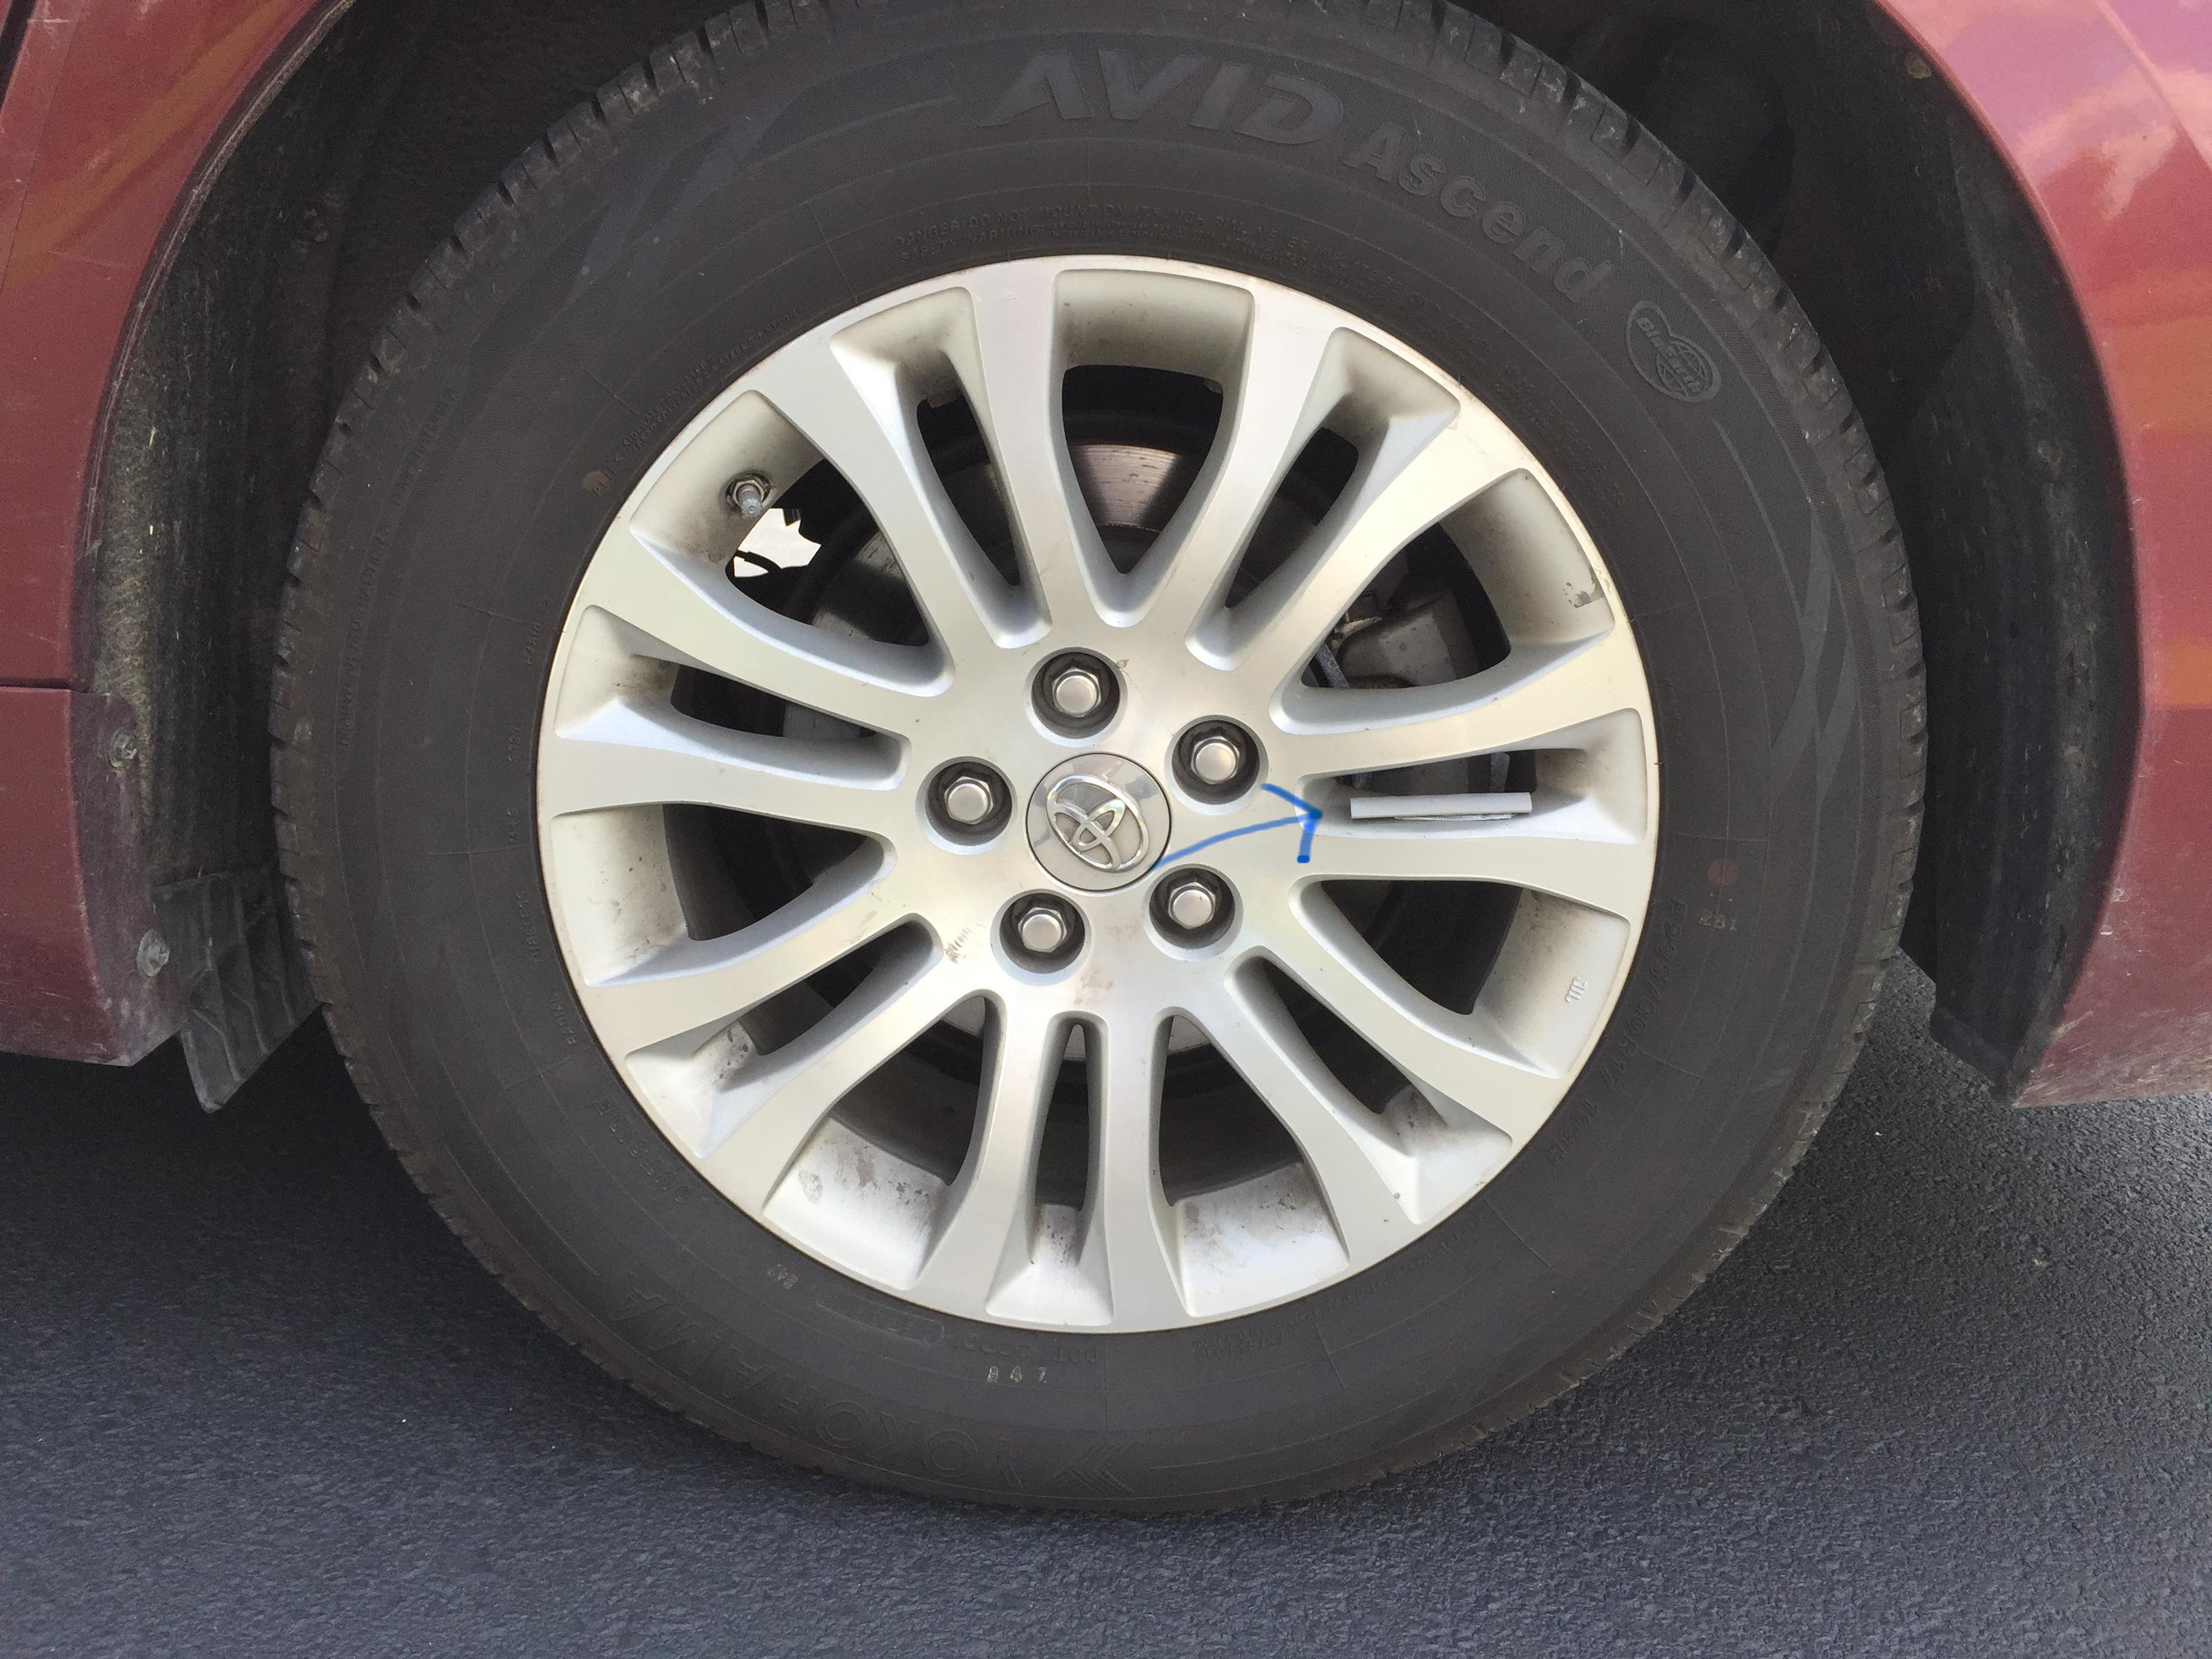 Straw Wheel spoke